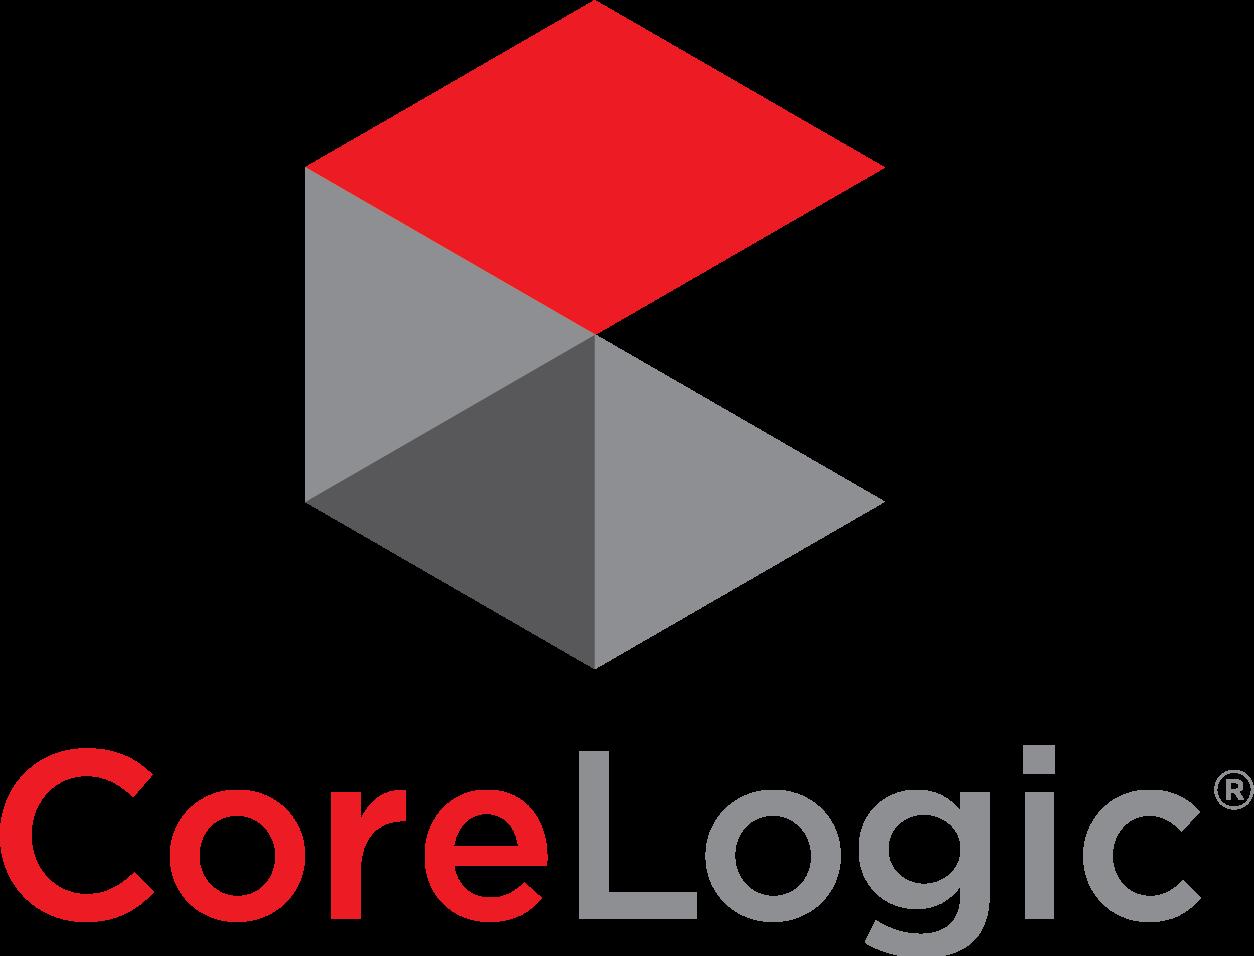 Core Logic